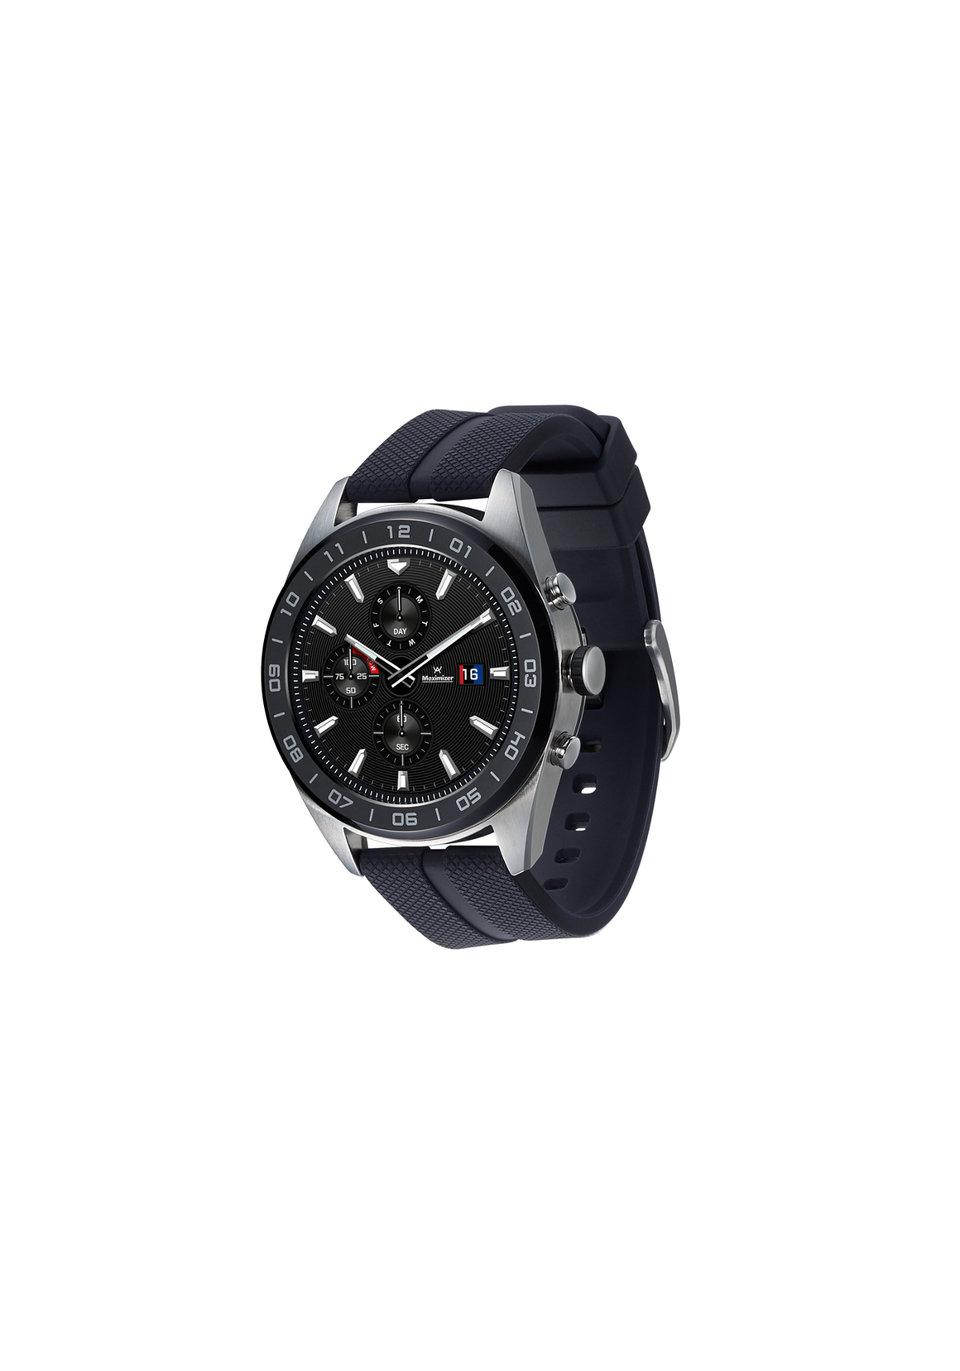 LG Watch W7 003.jpg